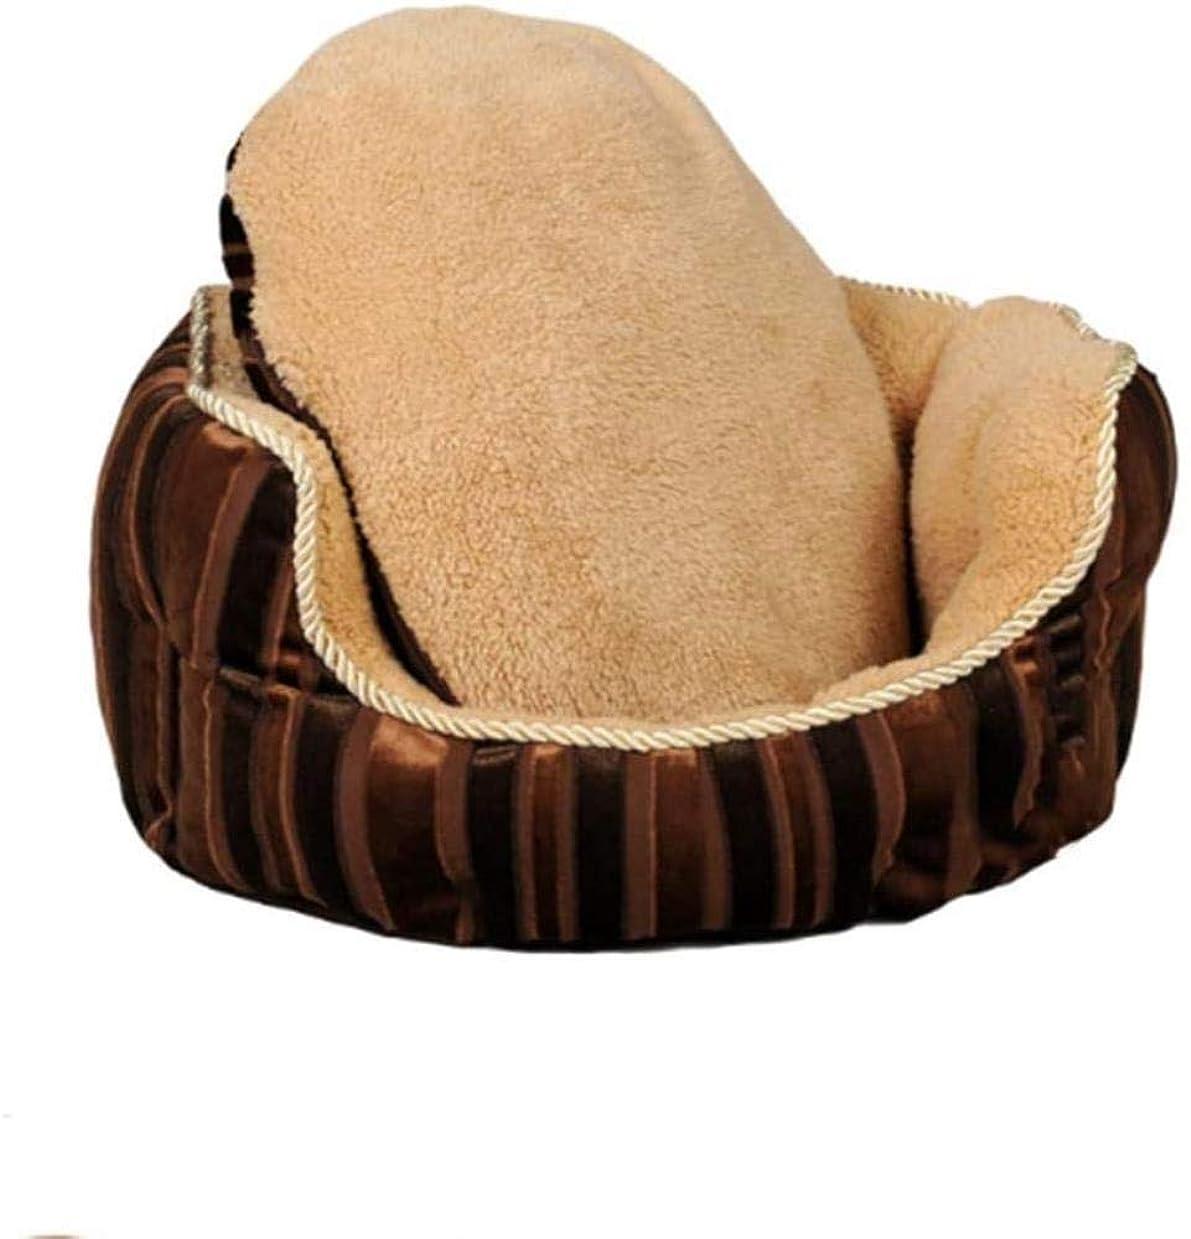 ディスコ旋律的ドナーFANPING リムーバブルケンネル大型犬ペットの犬小屋テディライオンゴールデンレトリバーソファケンネル犬のベッド冬の犬小屋犬のマット (Size : 75*70*26cm)